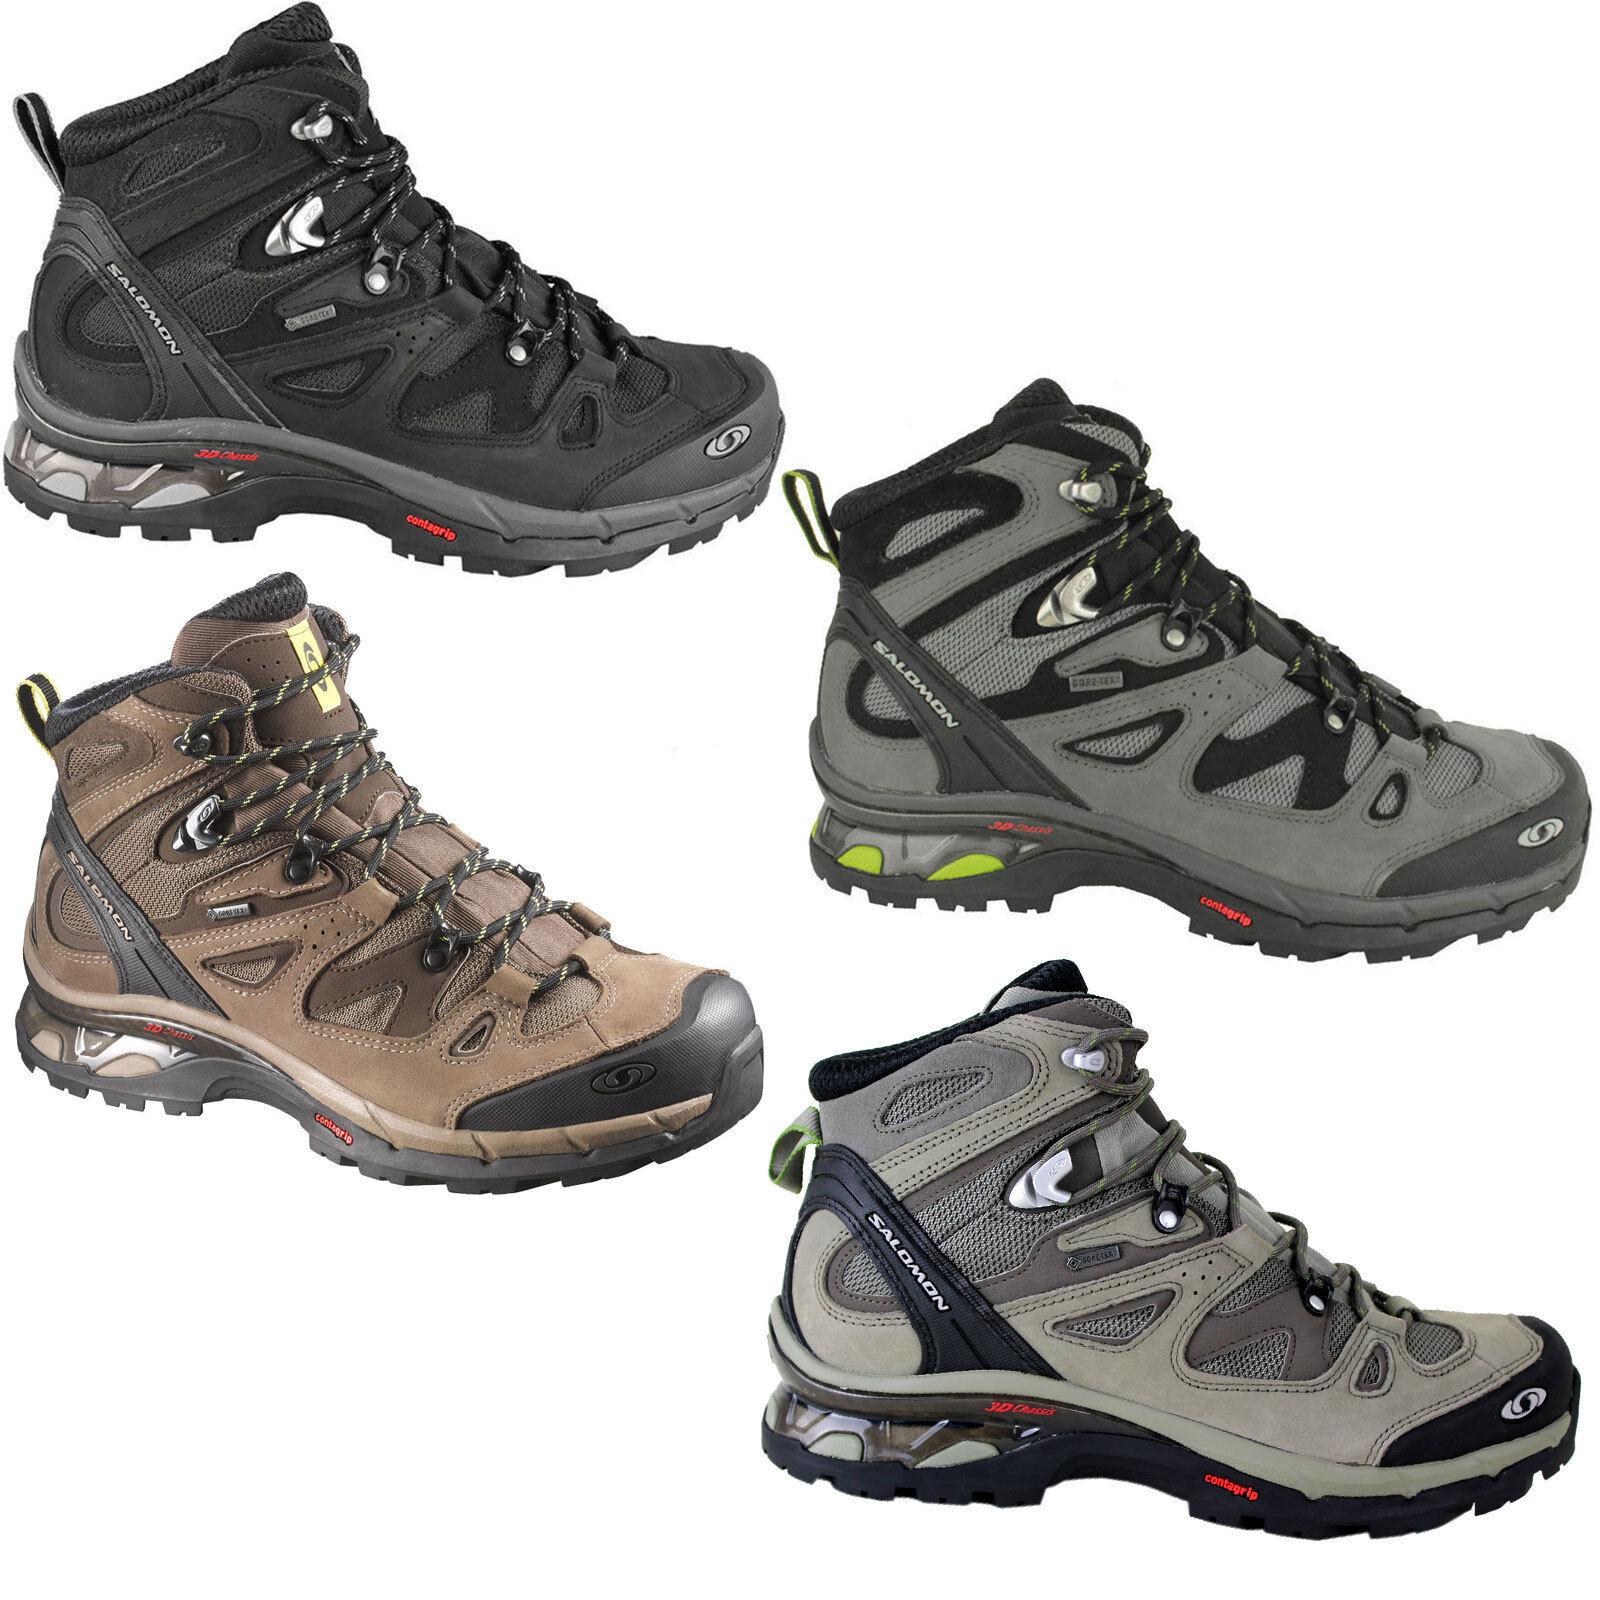 Salomon Comet 3D GTX MEN'S HIKING SHOES HIKING BOOTS trekking shoes shoes